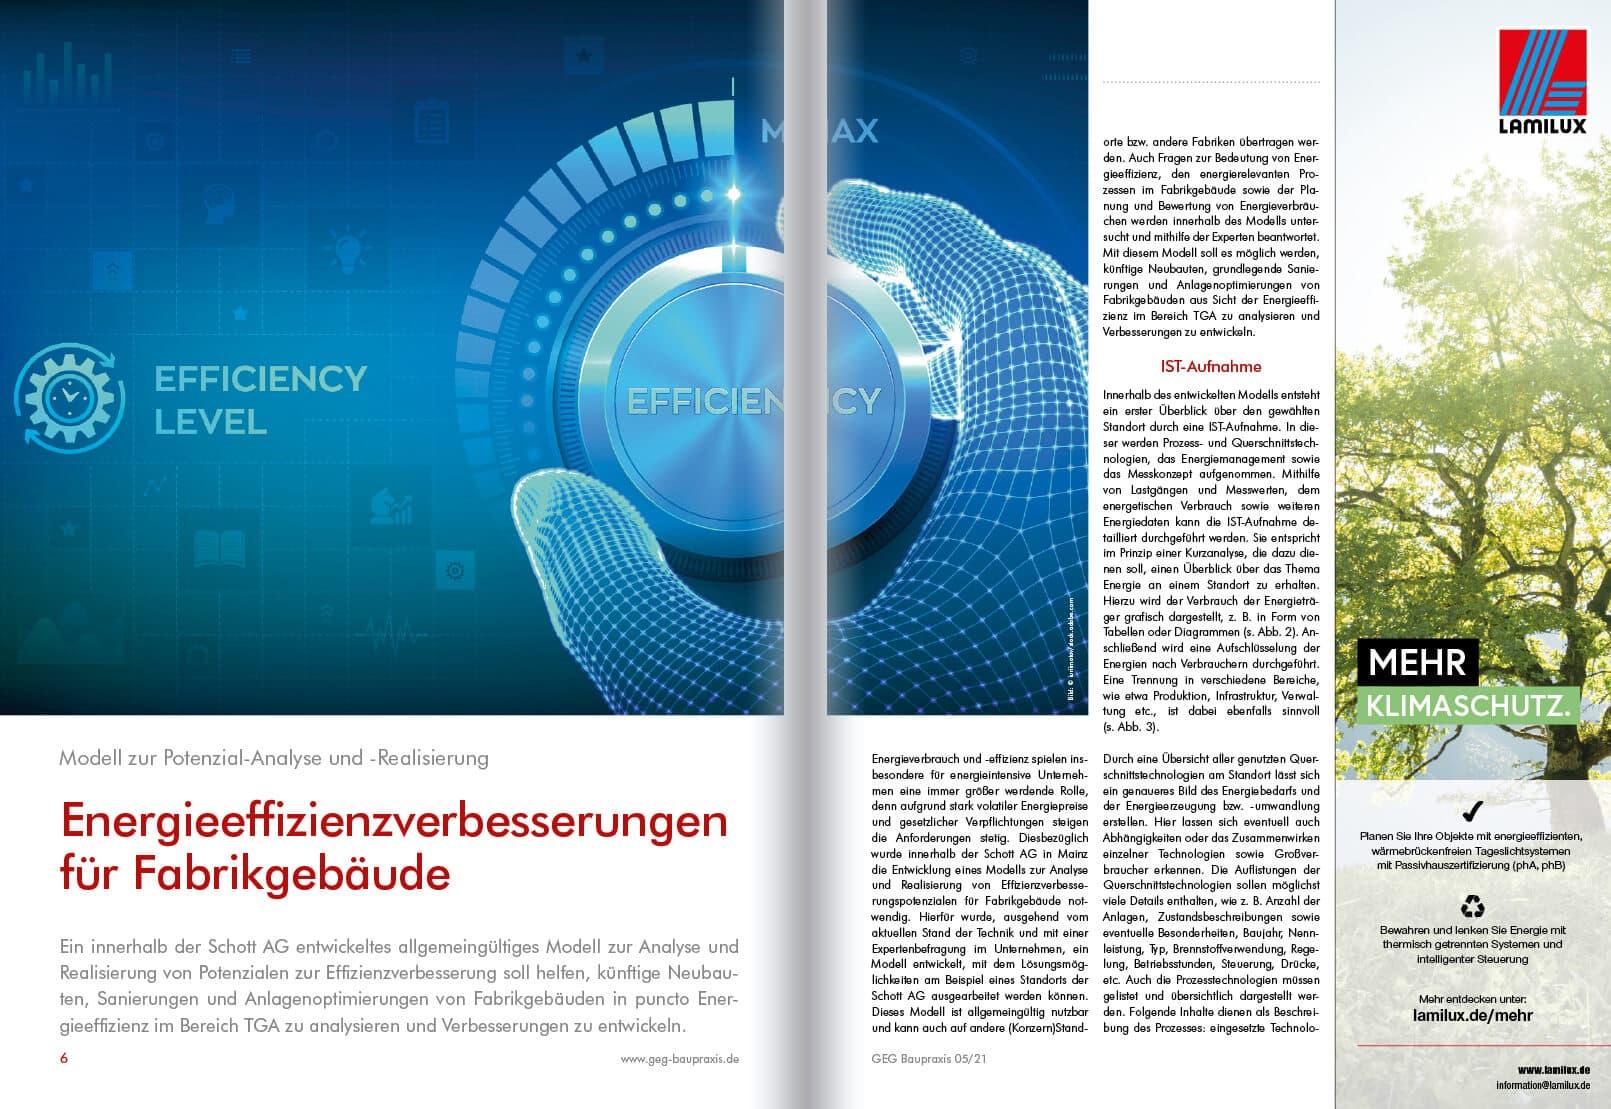 2021-05 Energieeffizienzverbesserungen 1